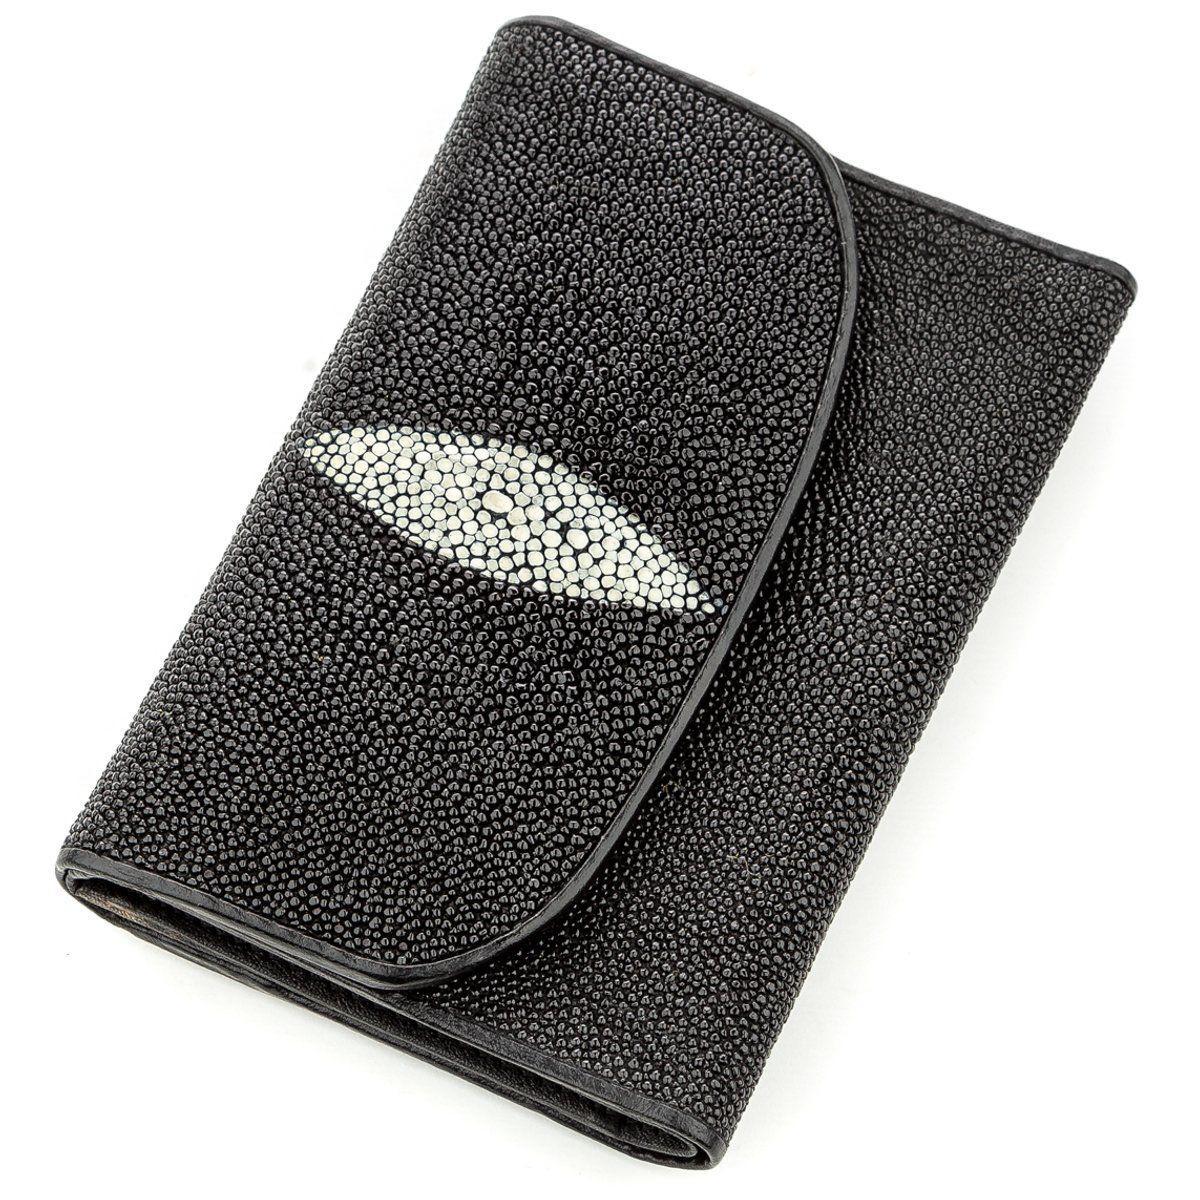 Горизонтальный Кошелек Stingray Leather 18560 Из Натуральной Кожи Морского Ската Черный, Черный